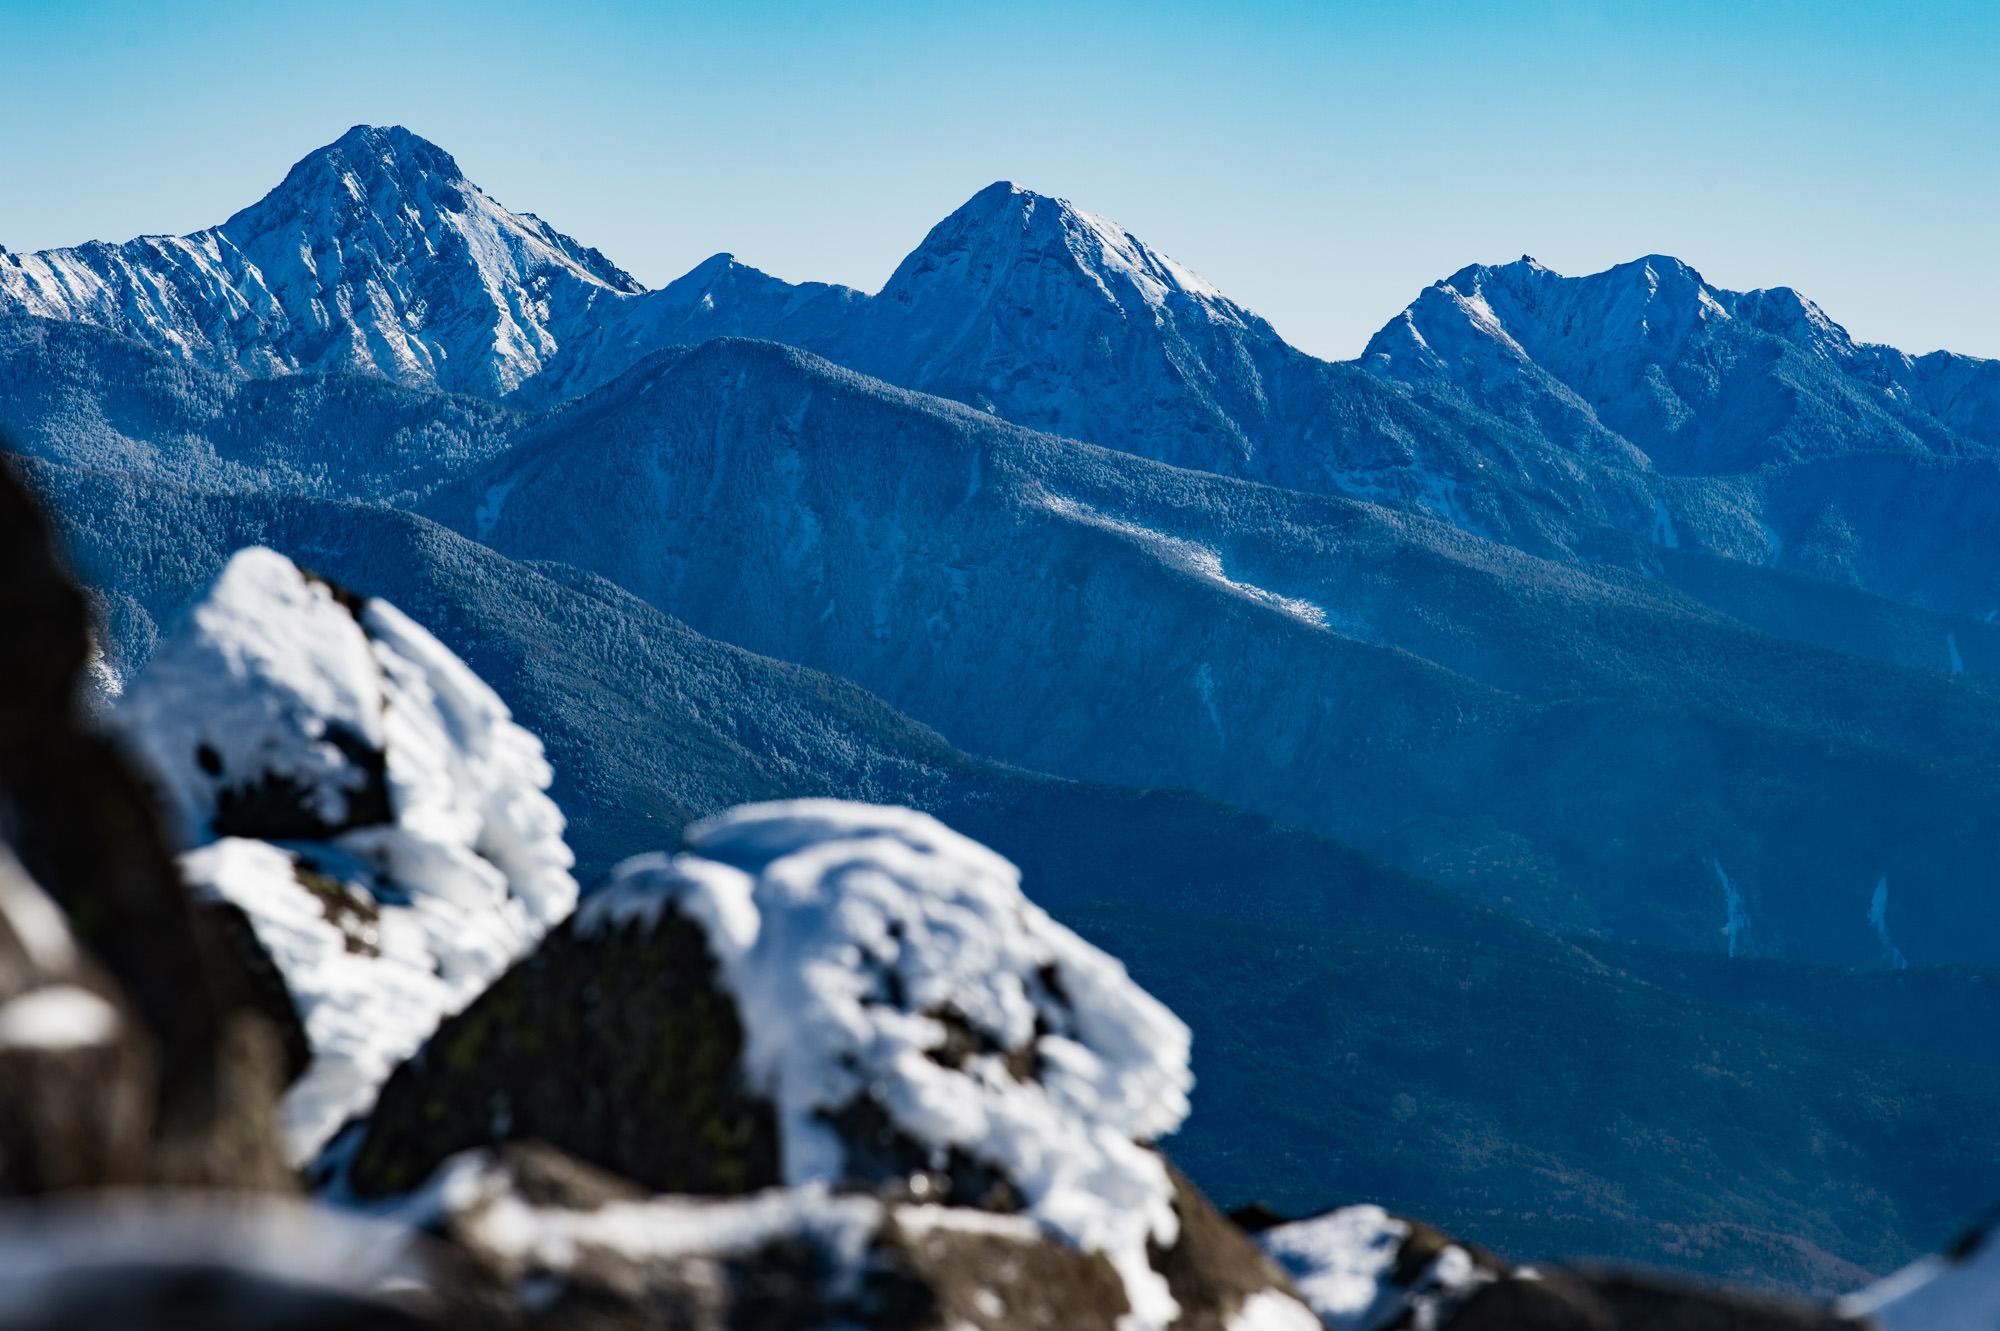 蓼科山から望む八ヶ岳連峰